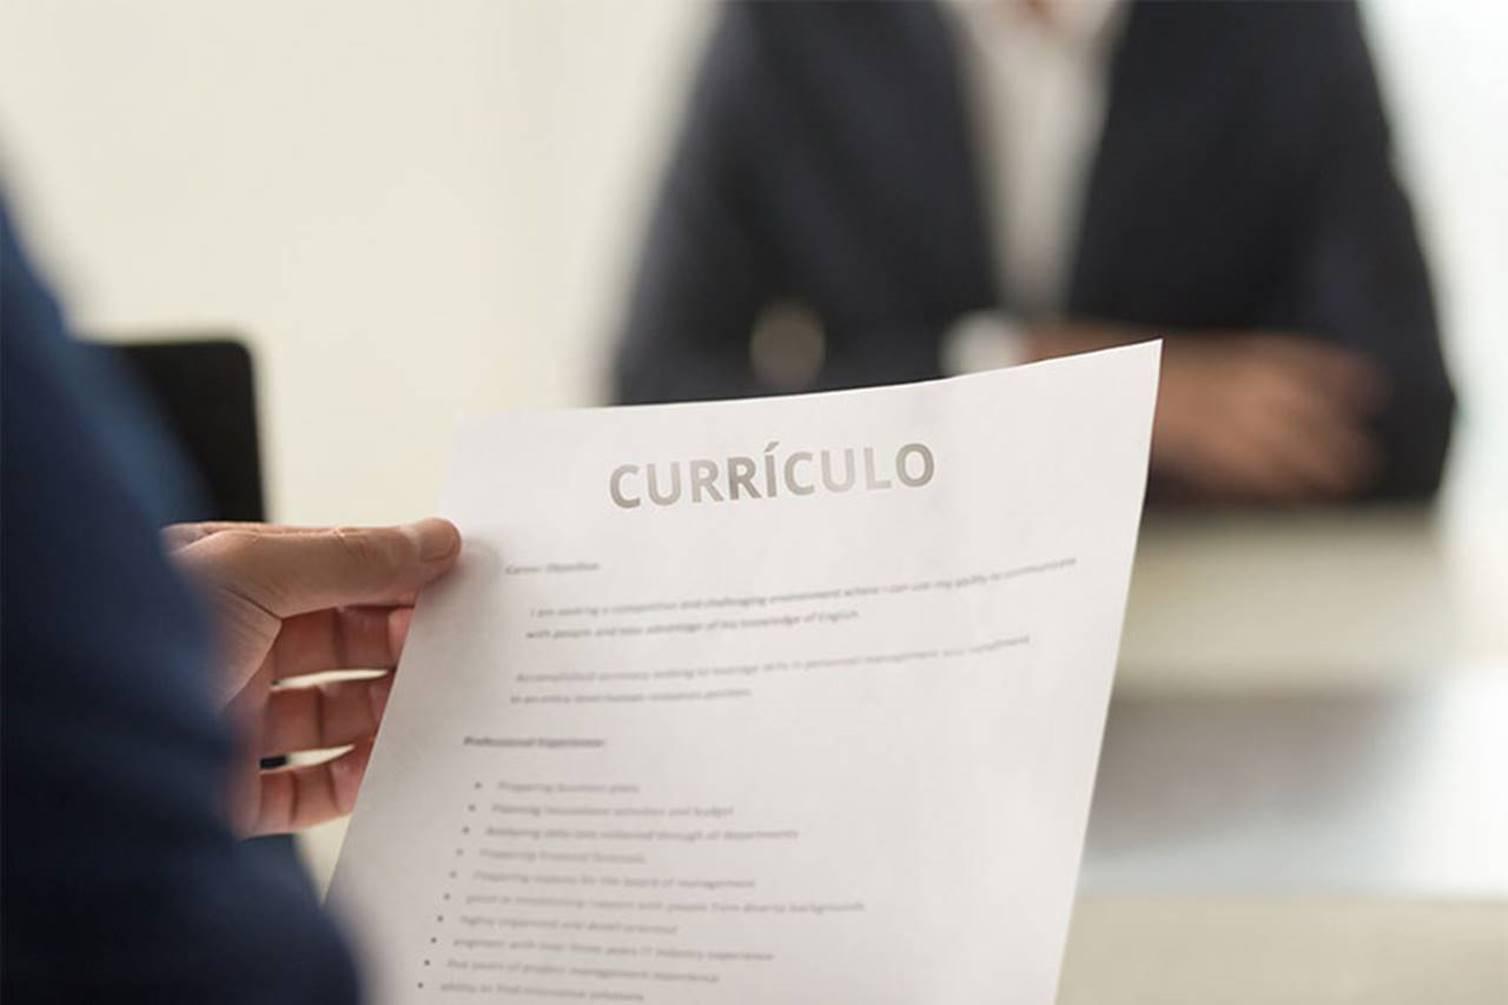 Erros que farão seu currículo ser eliminado em qualquer seleção de emprego